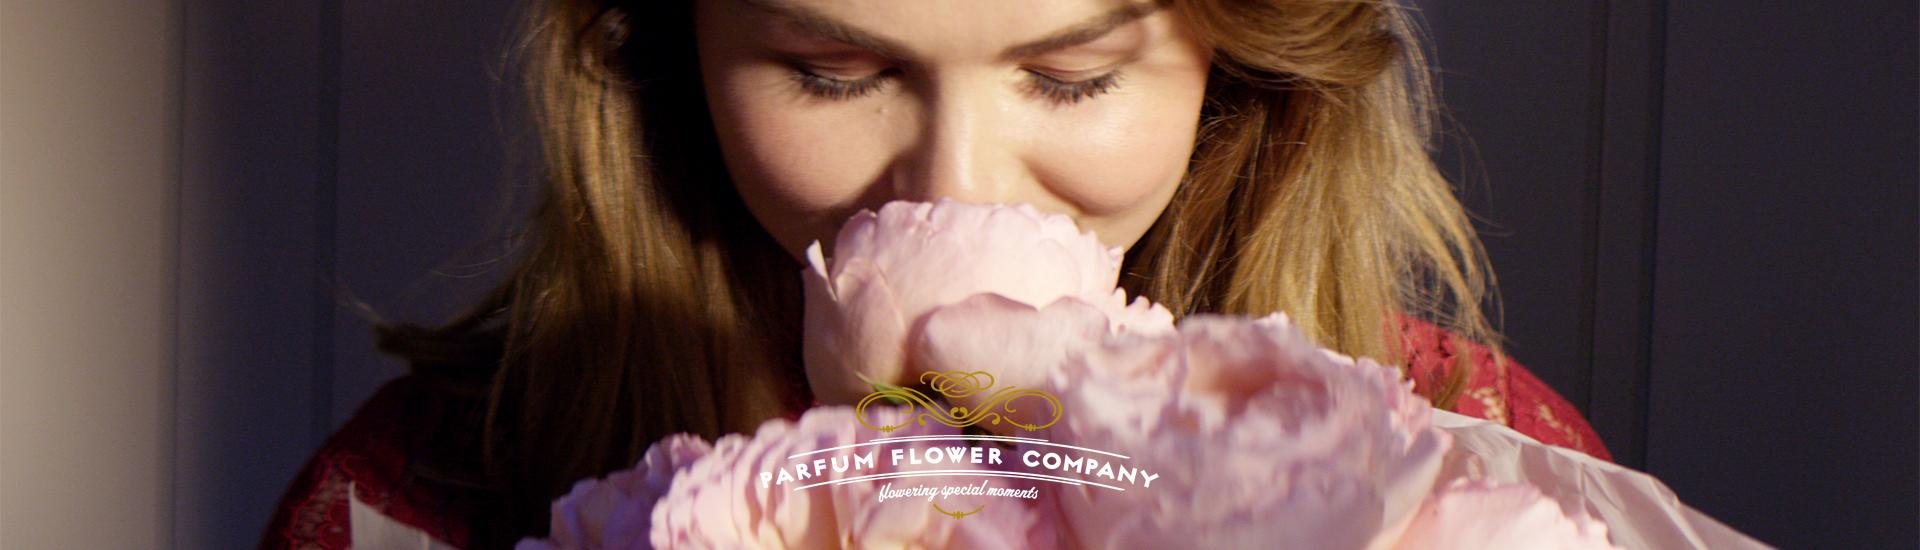 layer-slider-vrouw-ruikt-aan-bloemen-hoofdbeeld